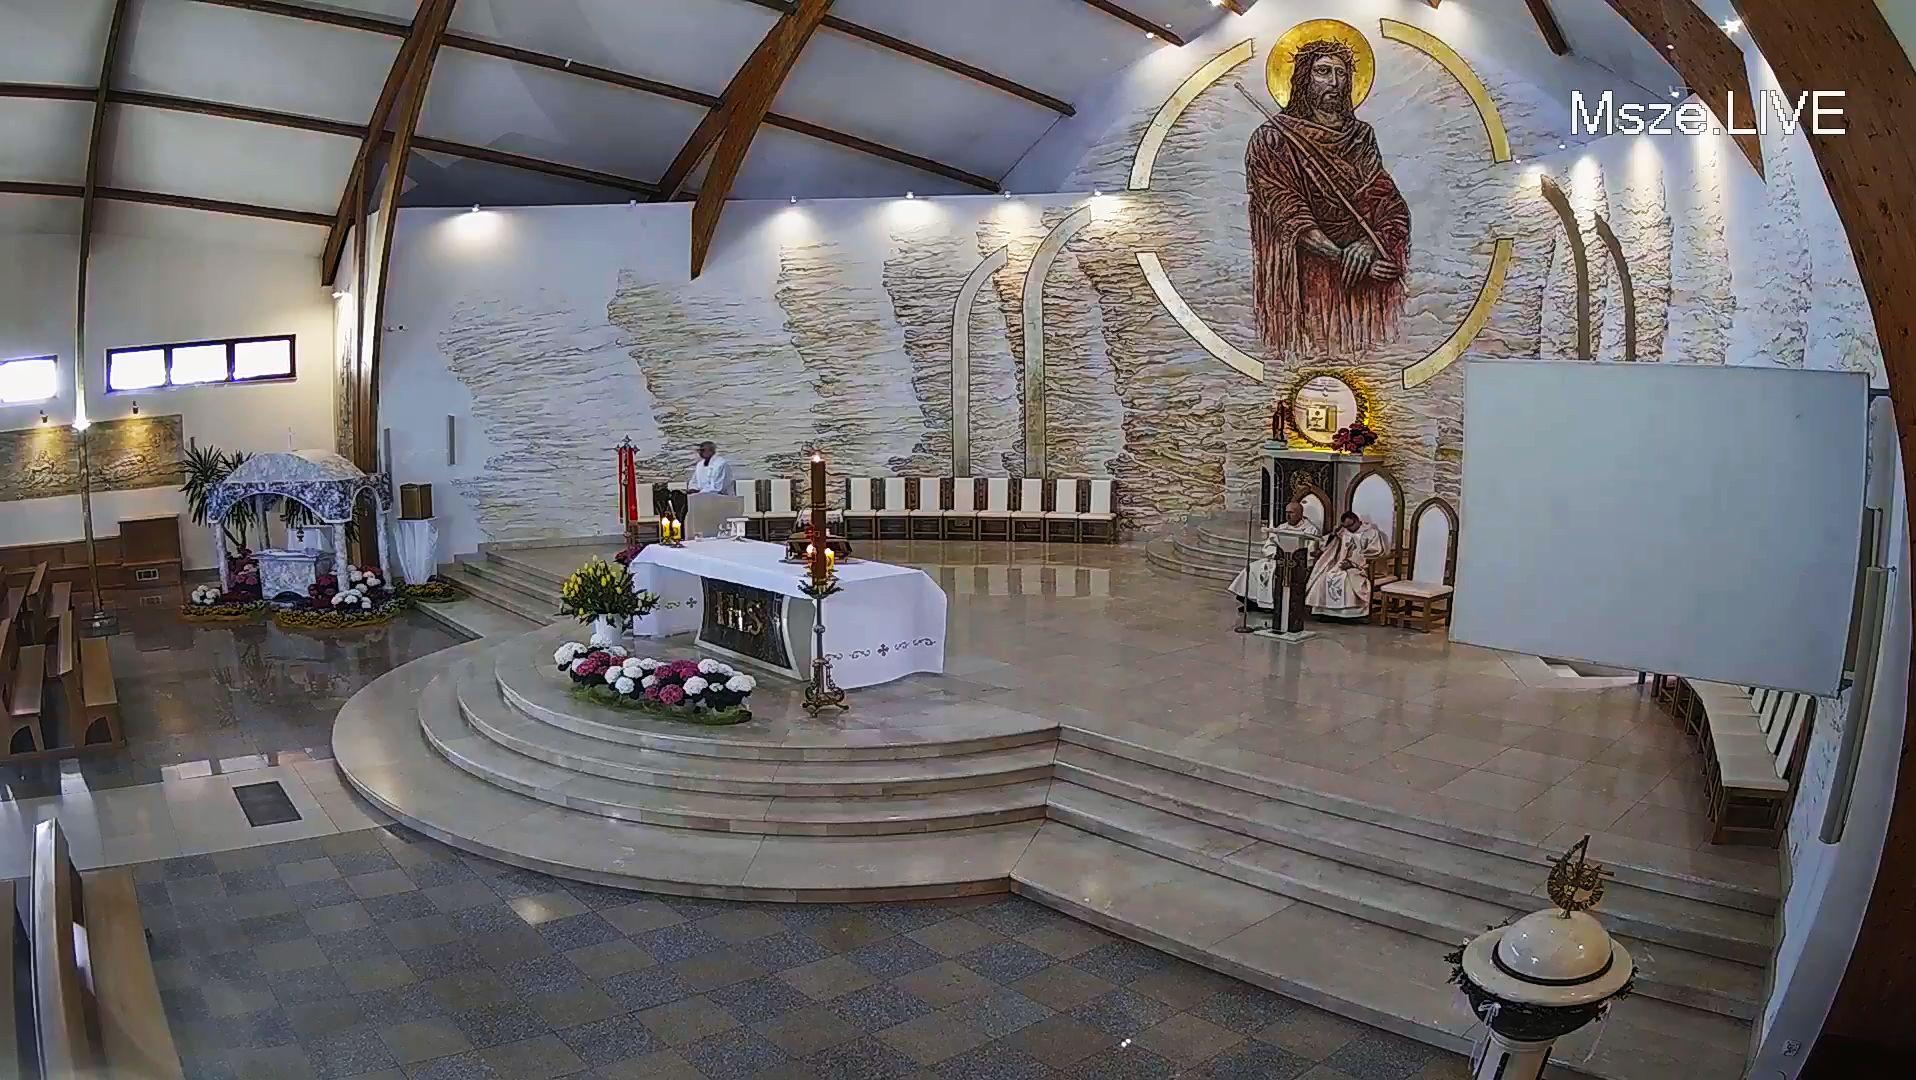 Parafia pw. Chrystusa Króla Jedynego Zbawiciela Świata w Sandomierzu